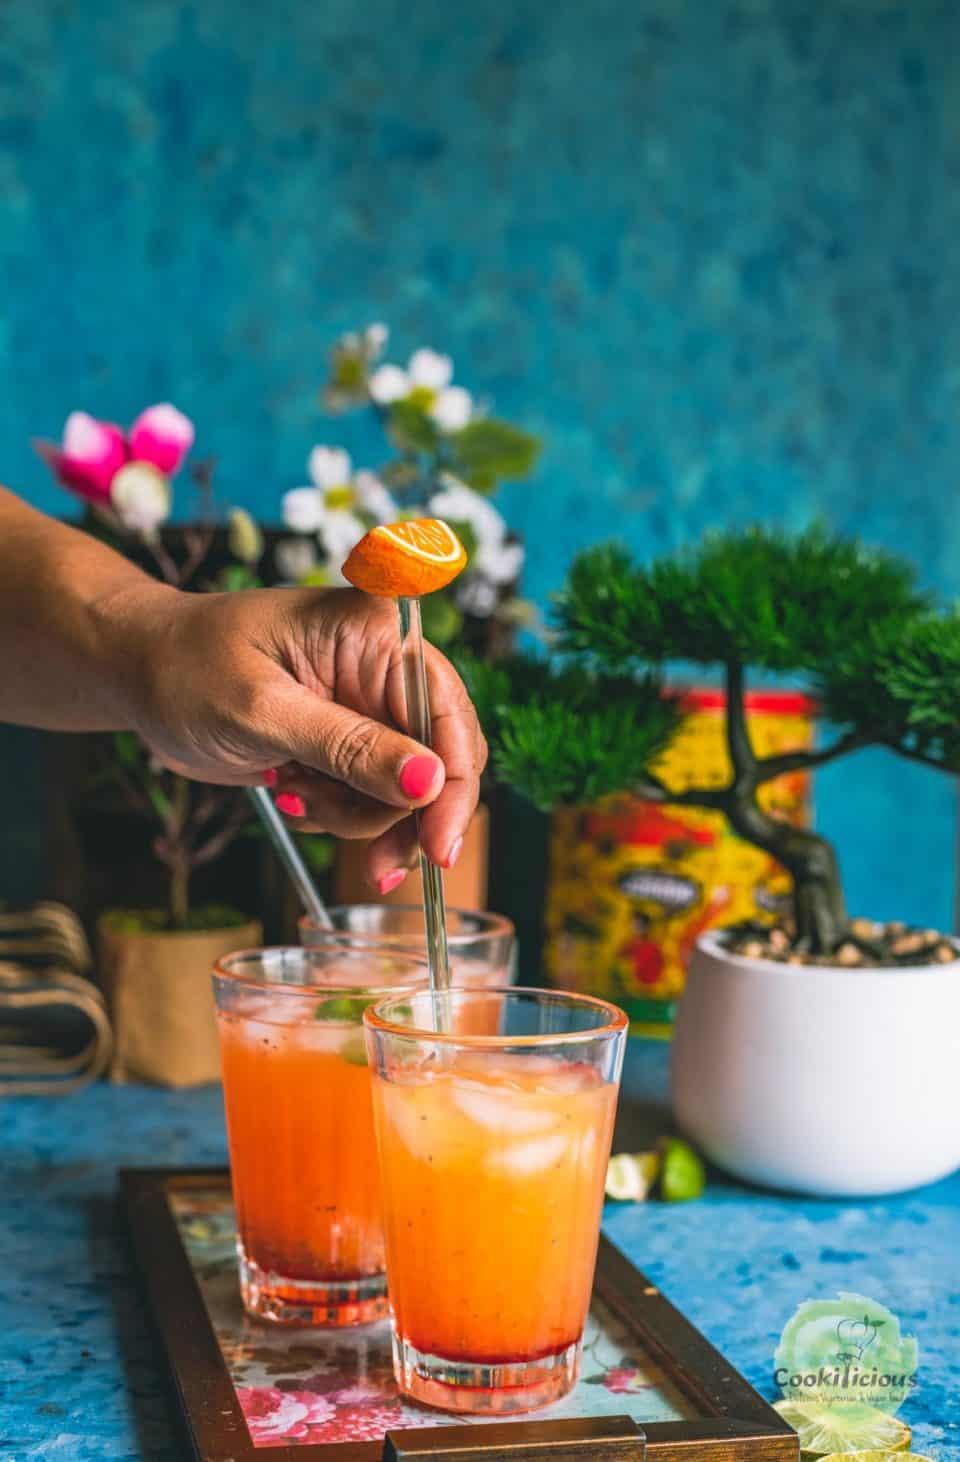 a hand stirring a glass of Rose Lemonade with a stirrer